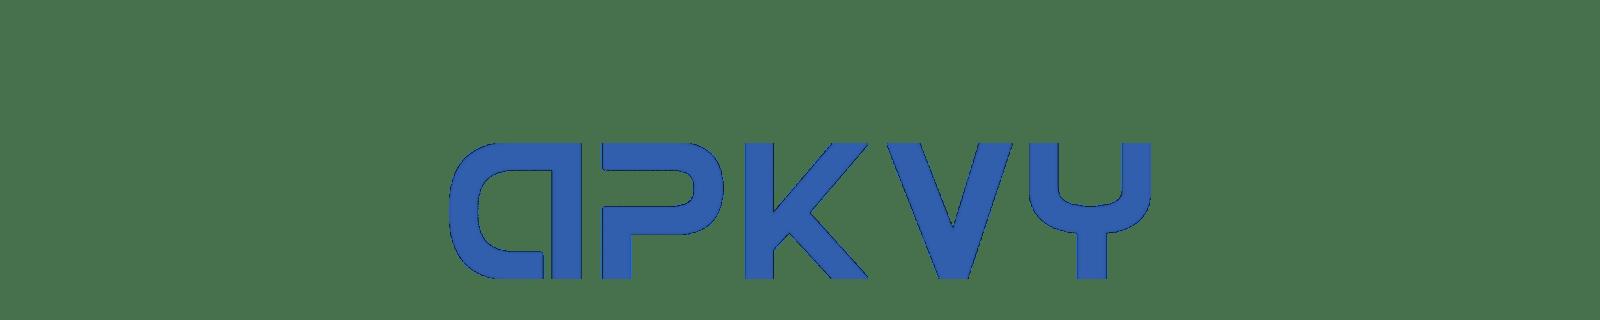 أبك ڤاي | تحميل جديد العاب و تطبيقات 2022 الاندرويد